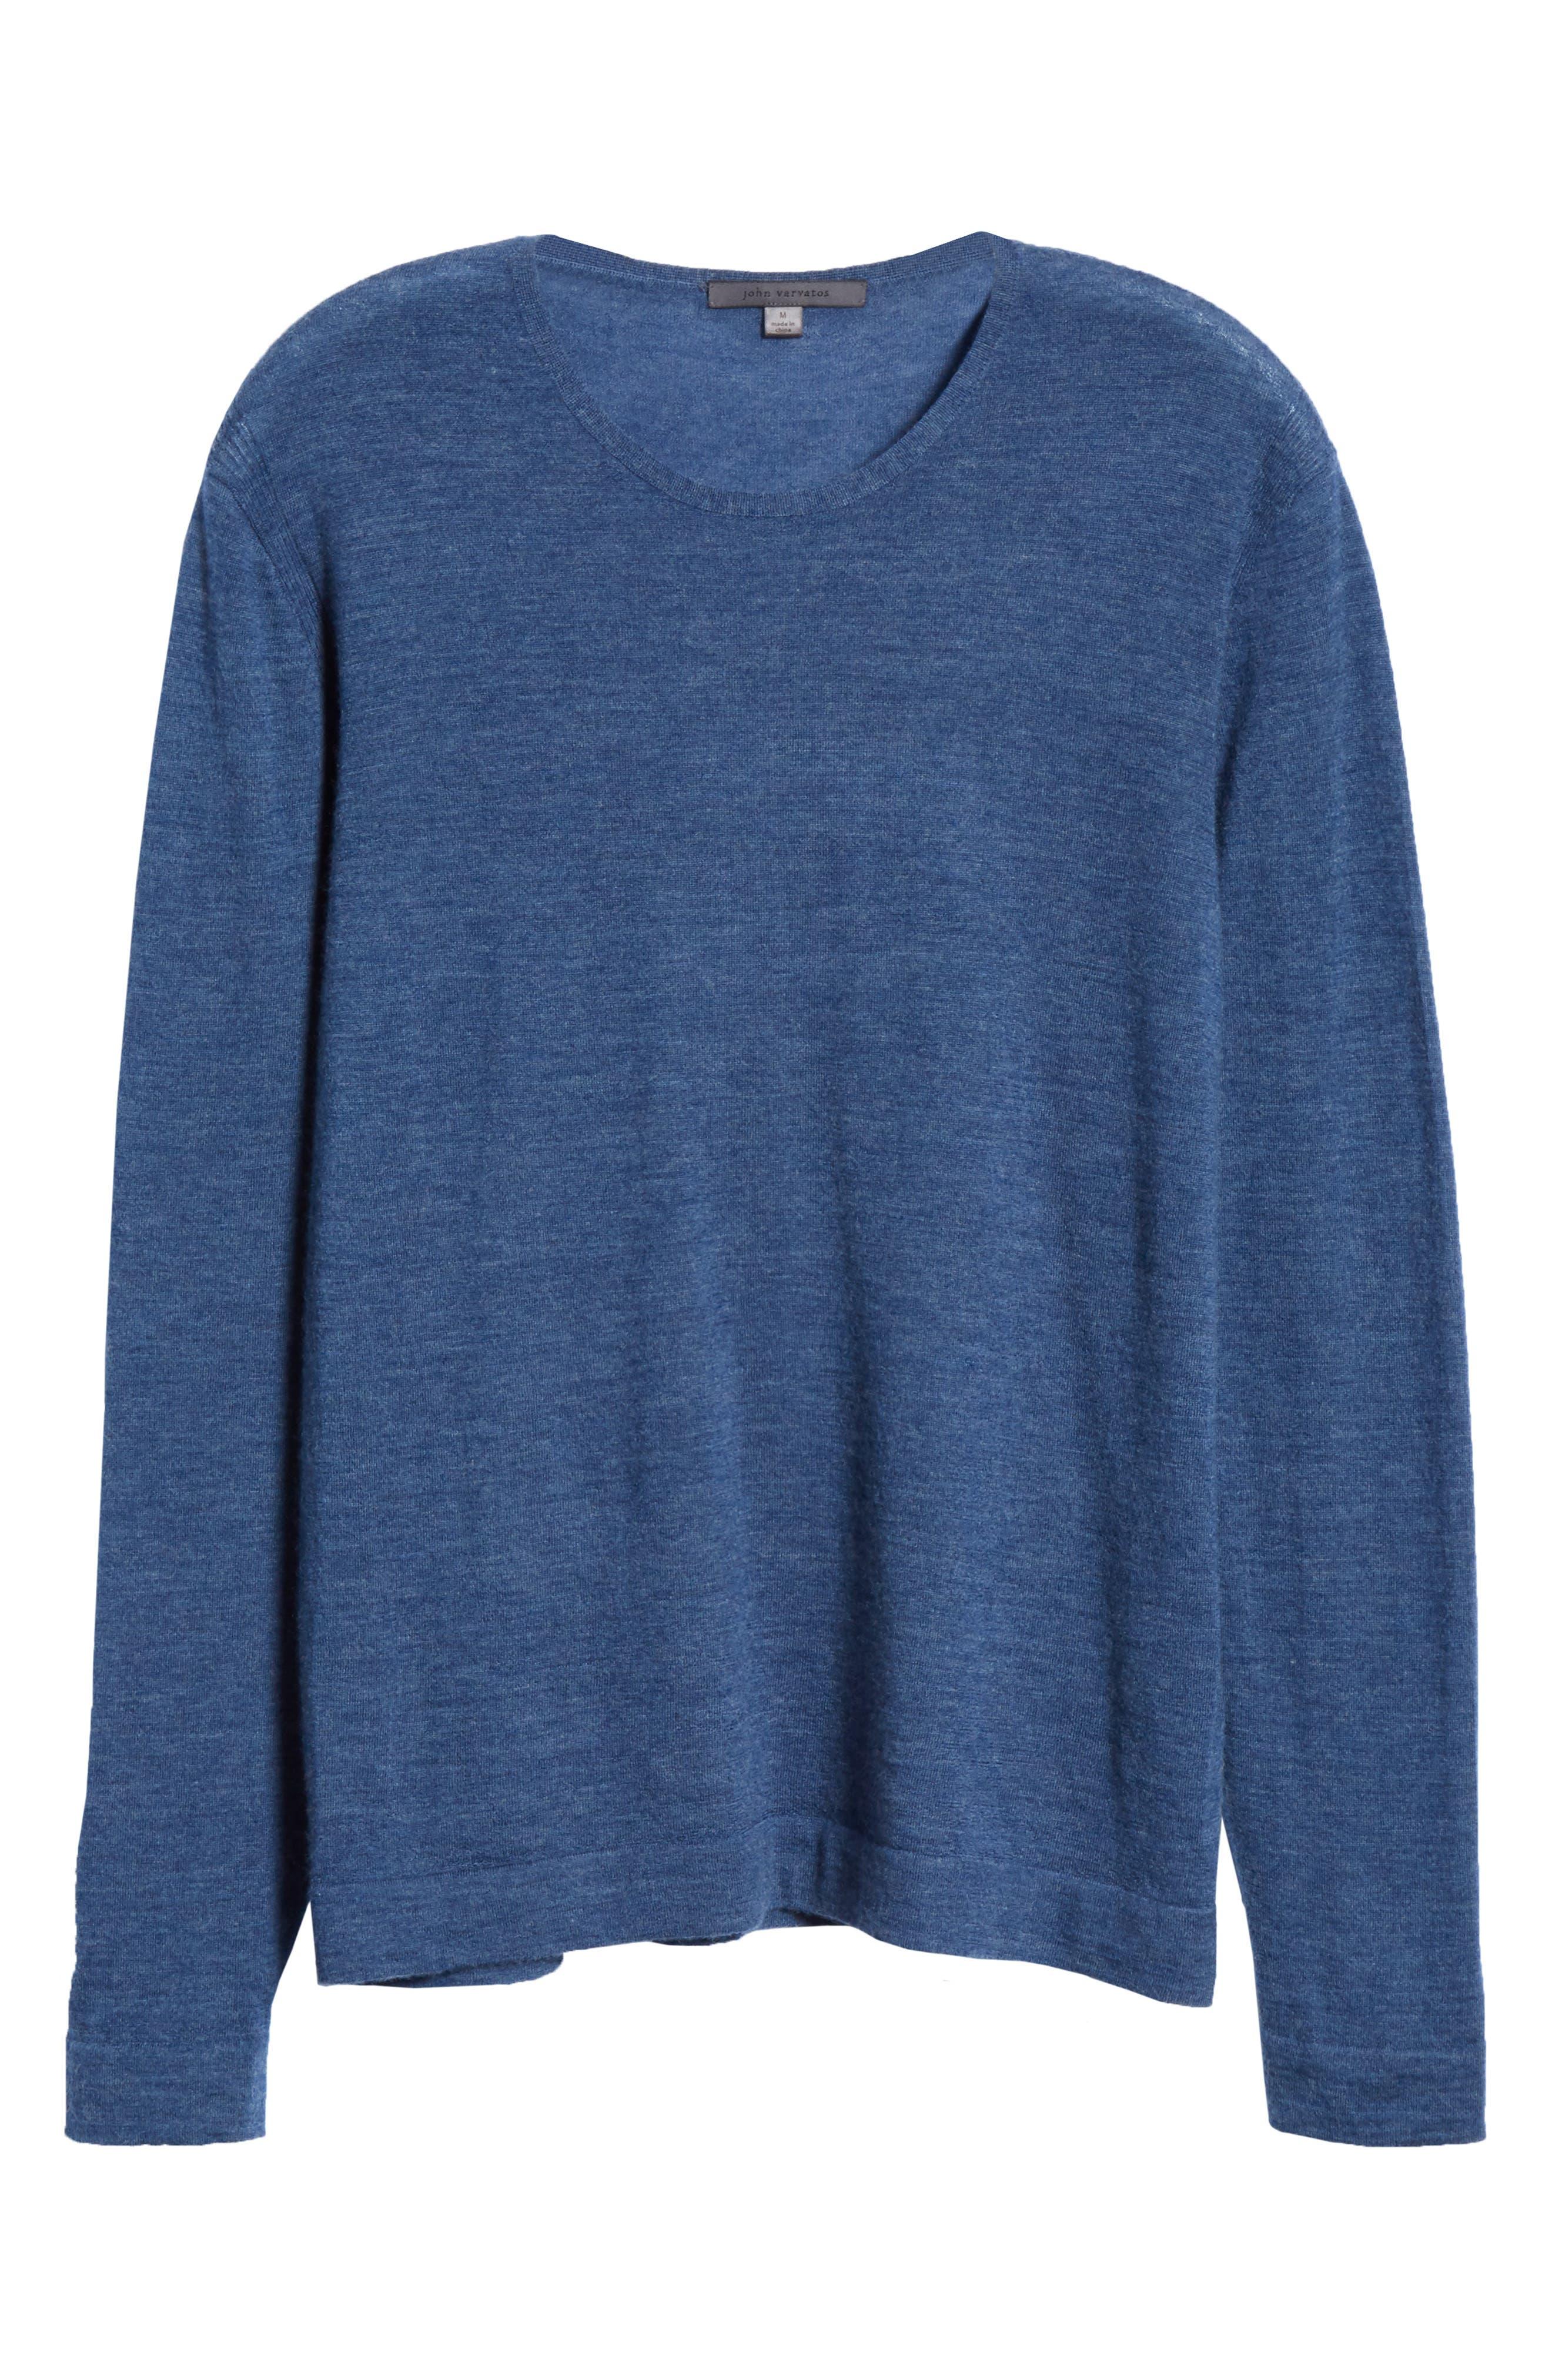 Cashmere Crewneck Sweater,                             Alternate thumbnail 6, color,                             SAPPHIRE